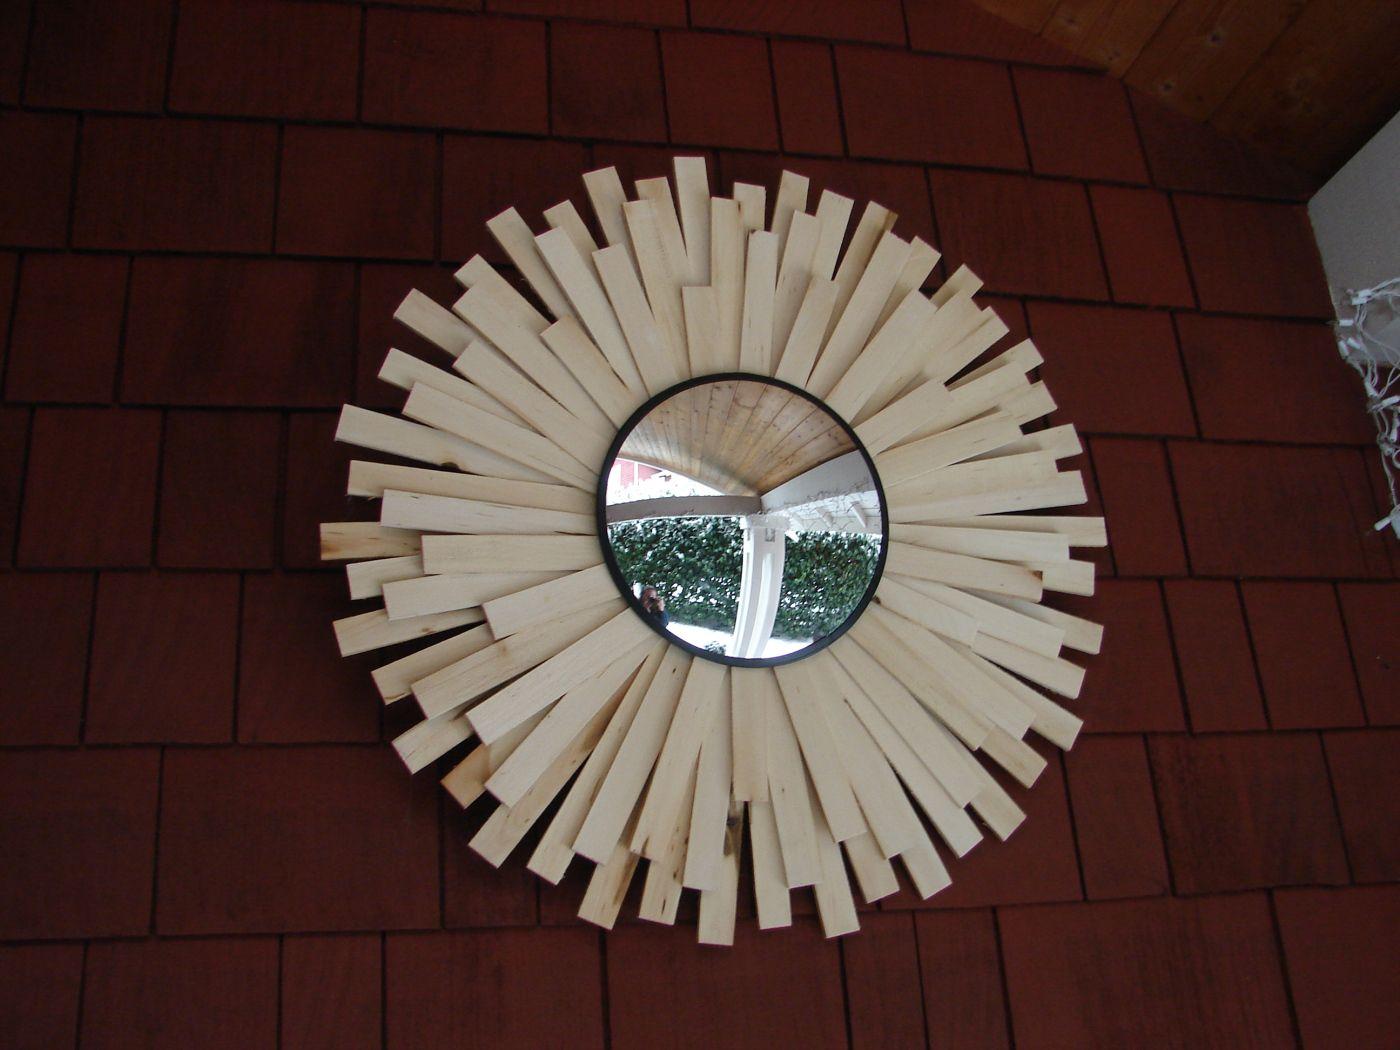 13+ 18 round craft mirror ideas in 2021